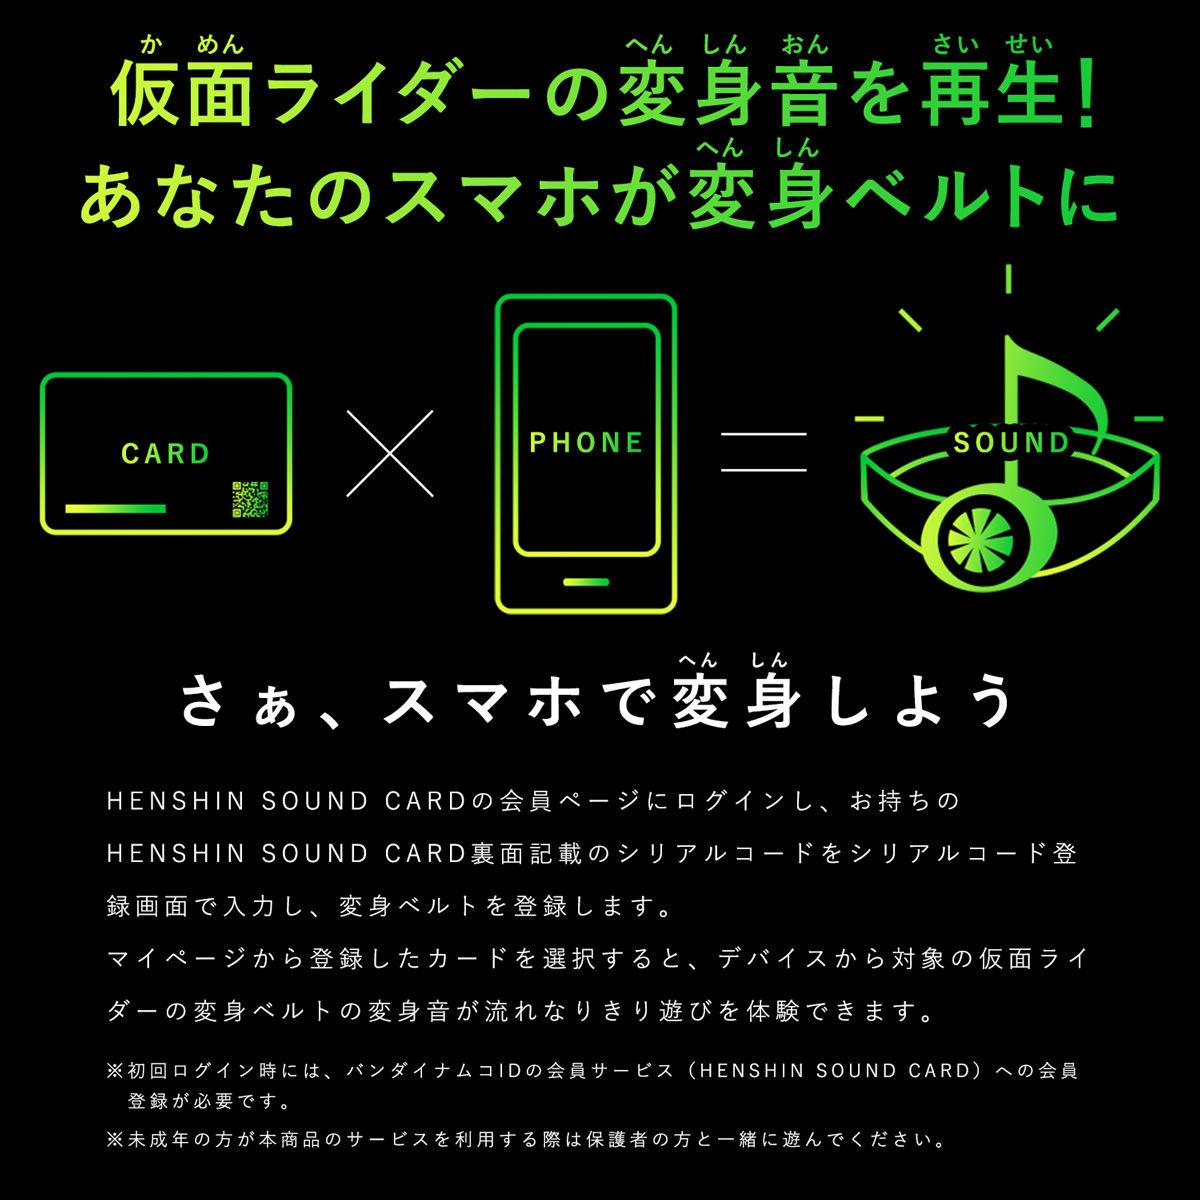 変身サウンドカードセレクション 仮面ライダーディケイド